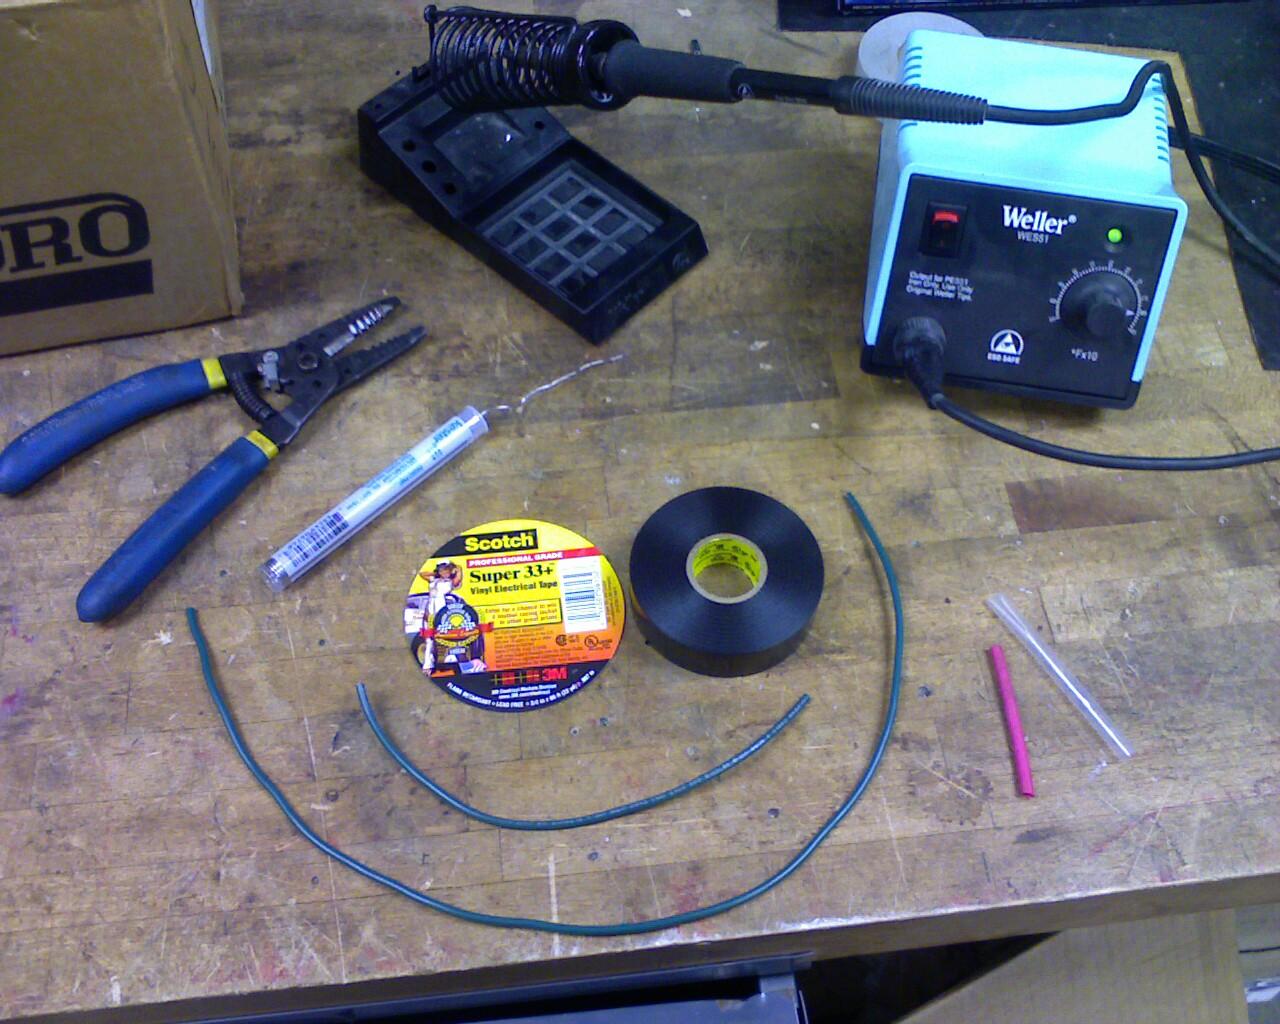 How to properly splice any wire - Chevy TrailBlazer, TrailBlazer